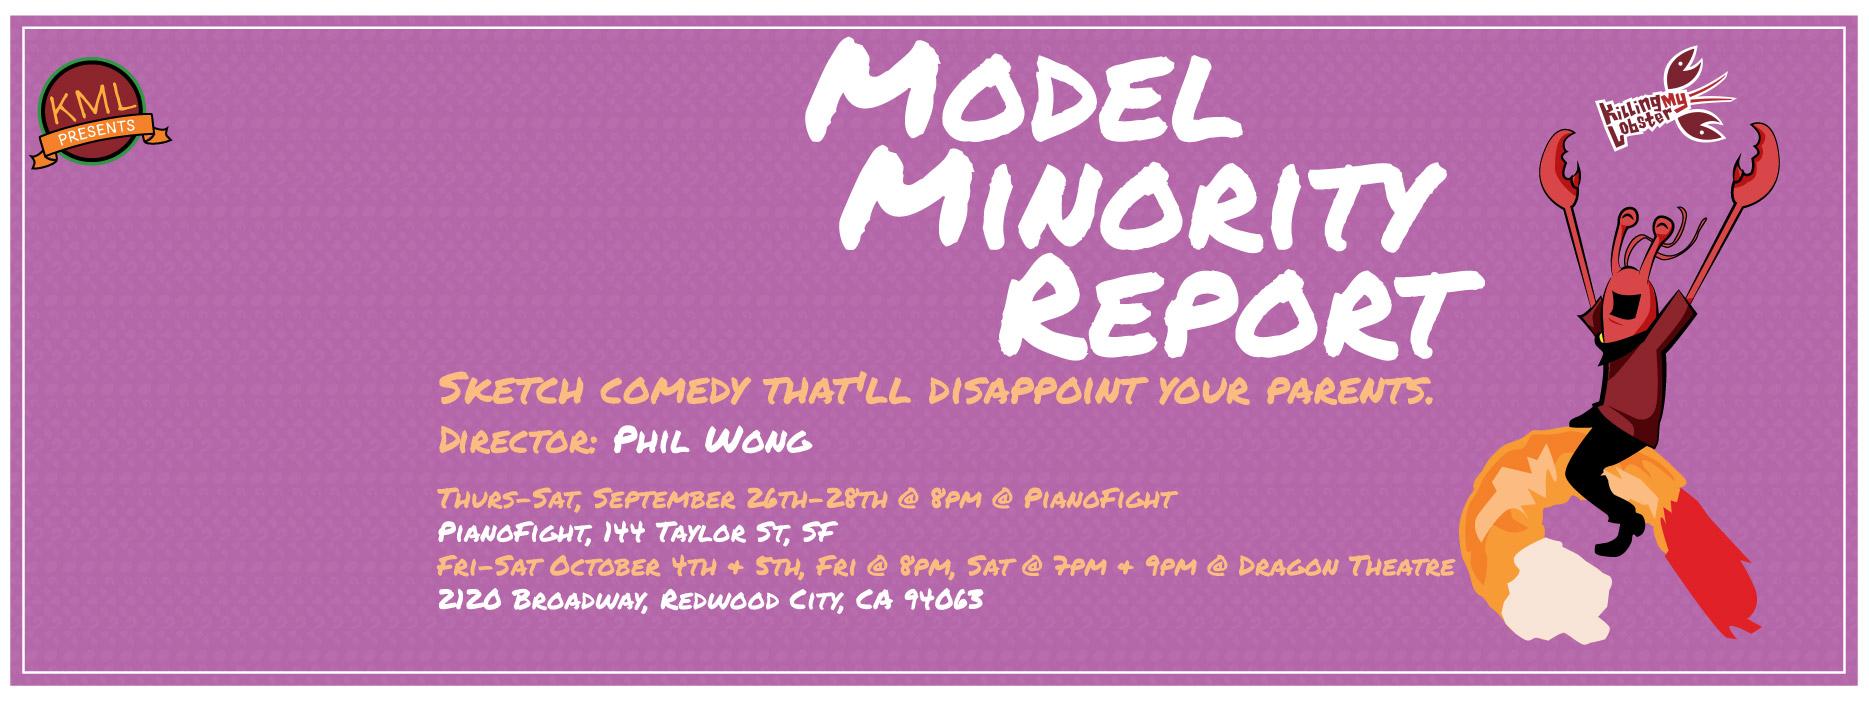 ModelMinorityReport-cover (1).jpg